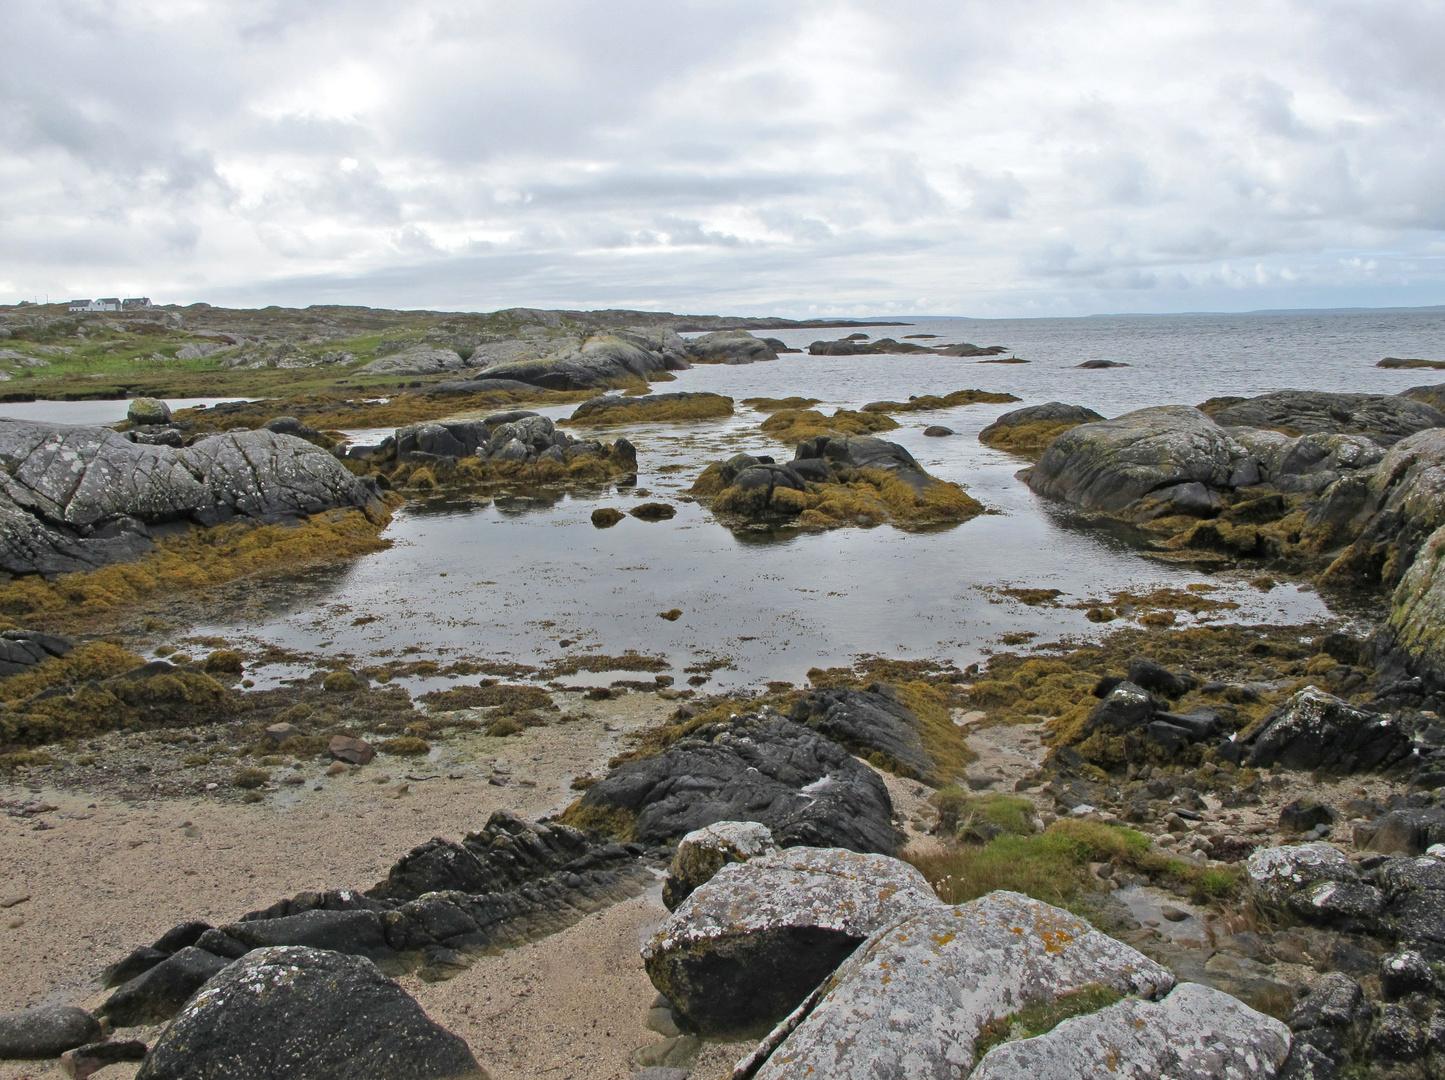 Steinige, Limestone, Landschaft in Irland.